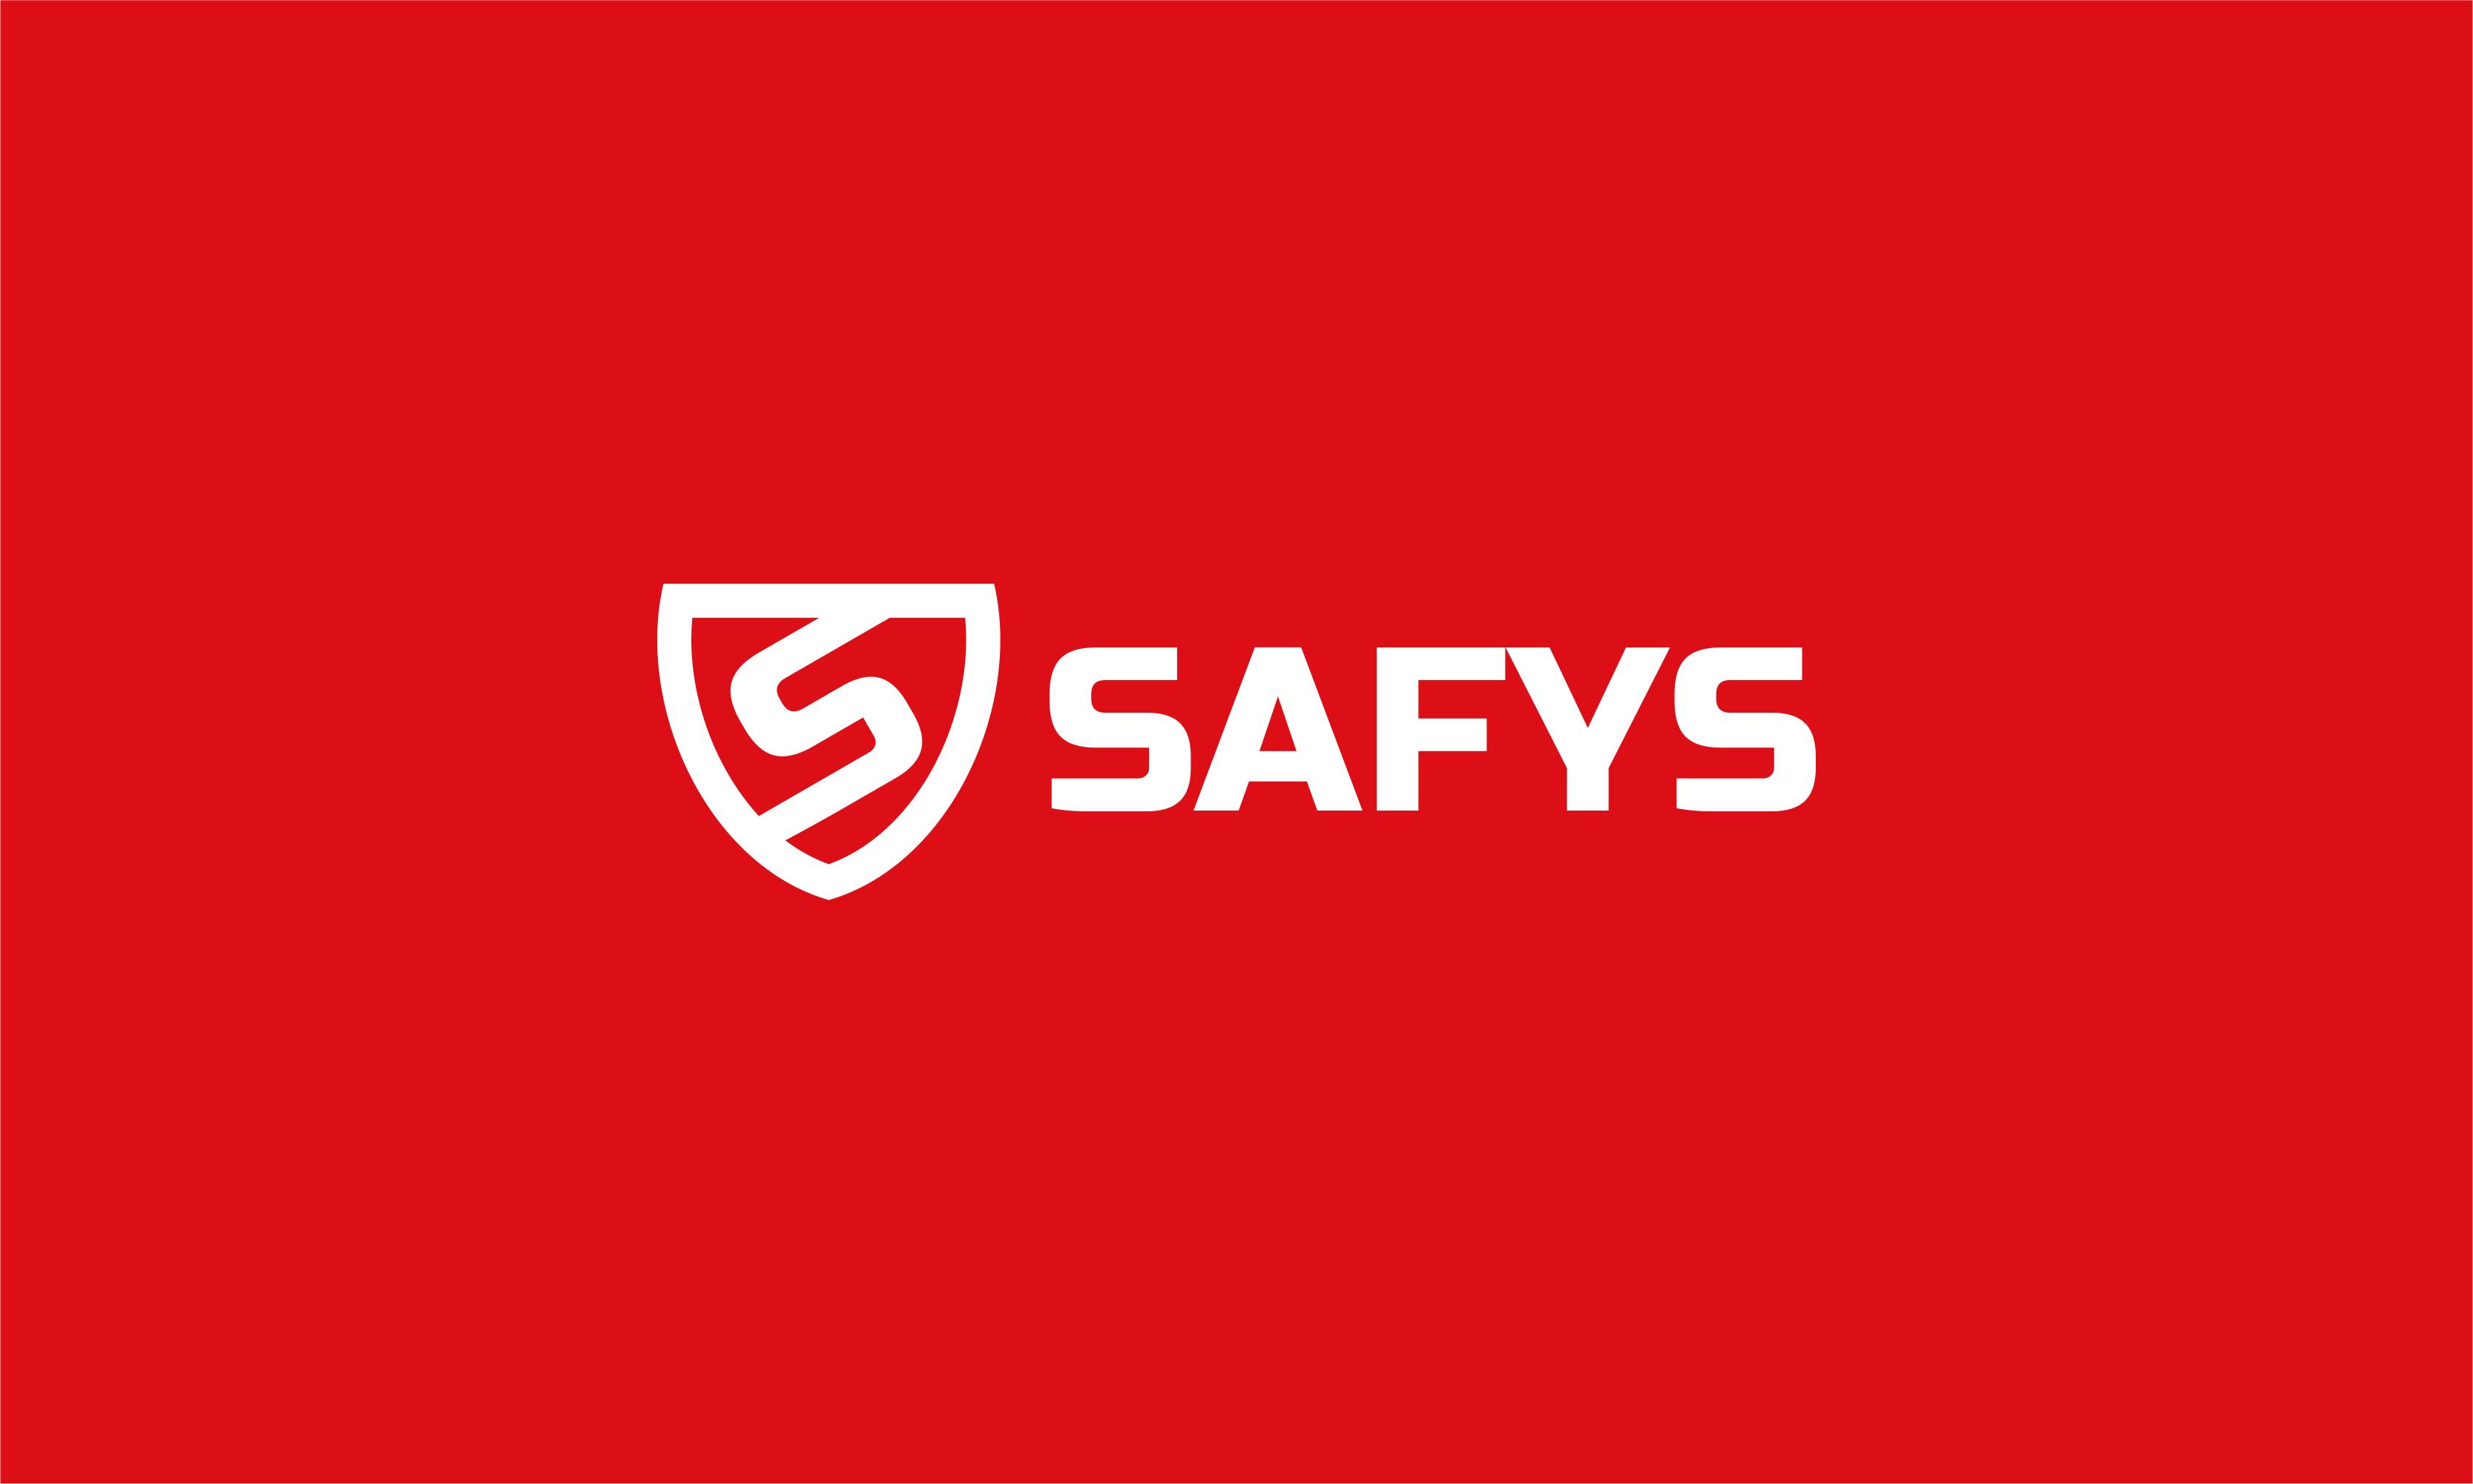 Safys